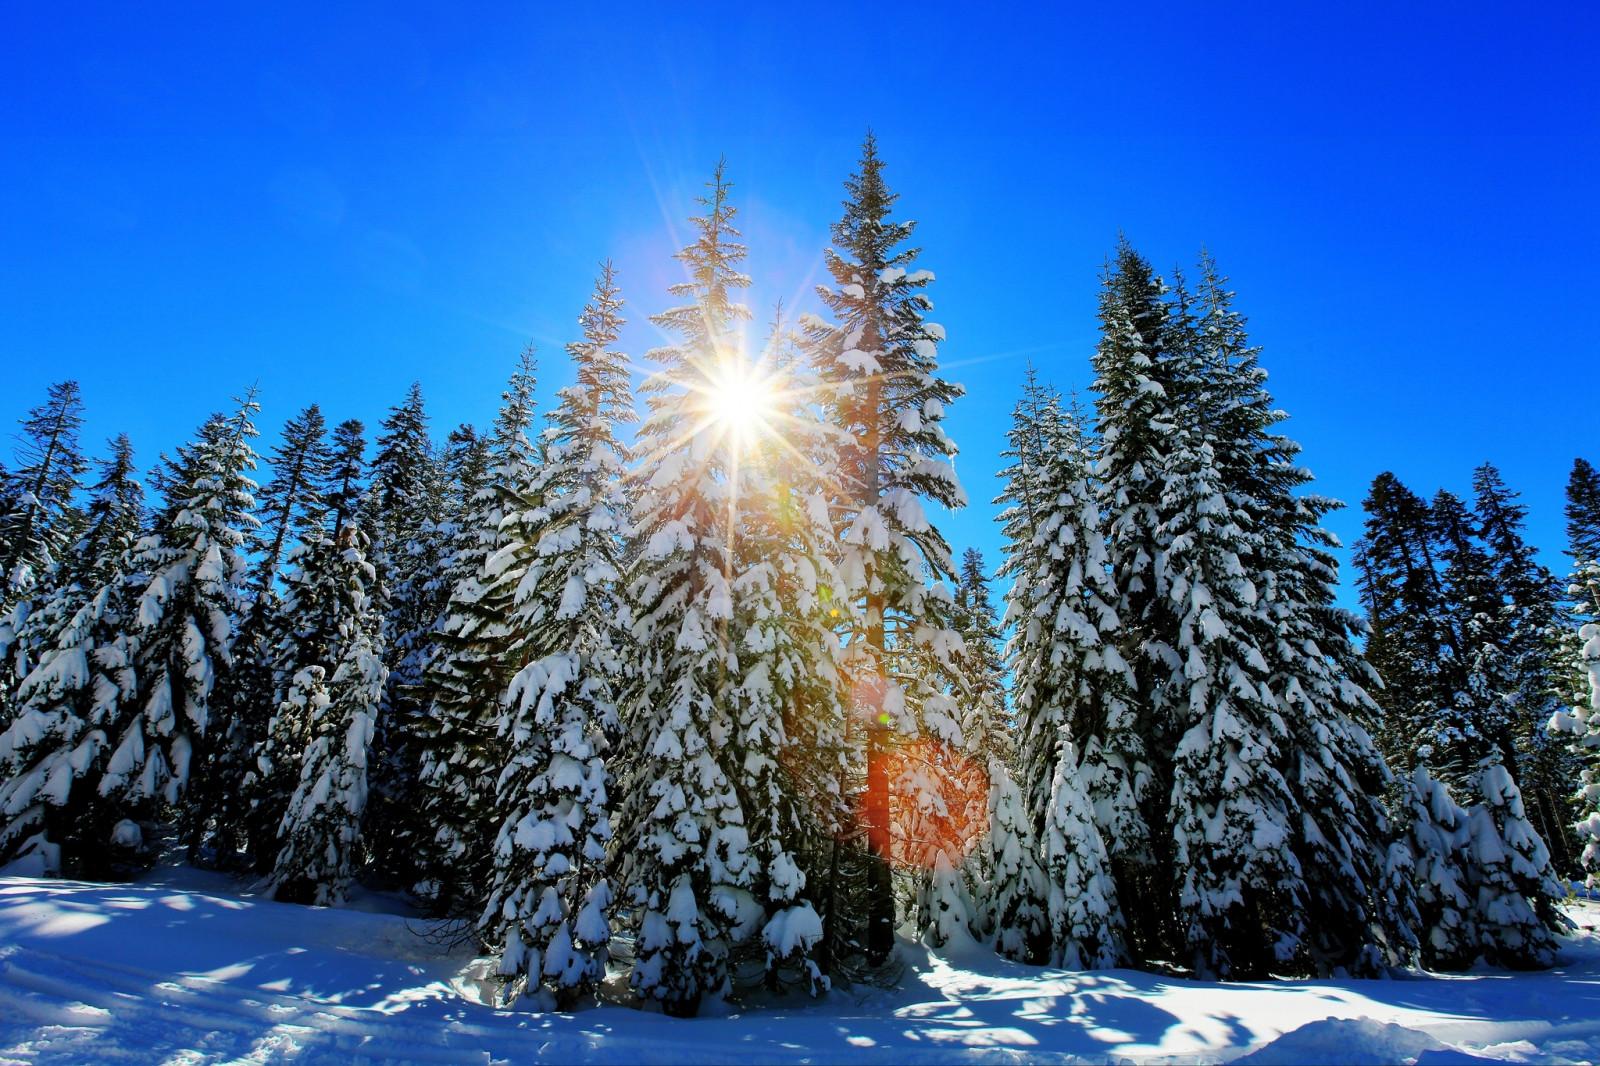 hintergrundbilder winter wald schnee licht landschaft 2048x1365 4kwallpaper 1012854. Black Bedroom Furniture Sets. Home Design Ideas